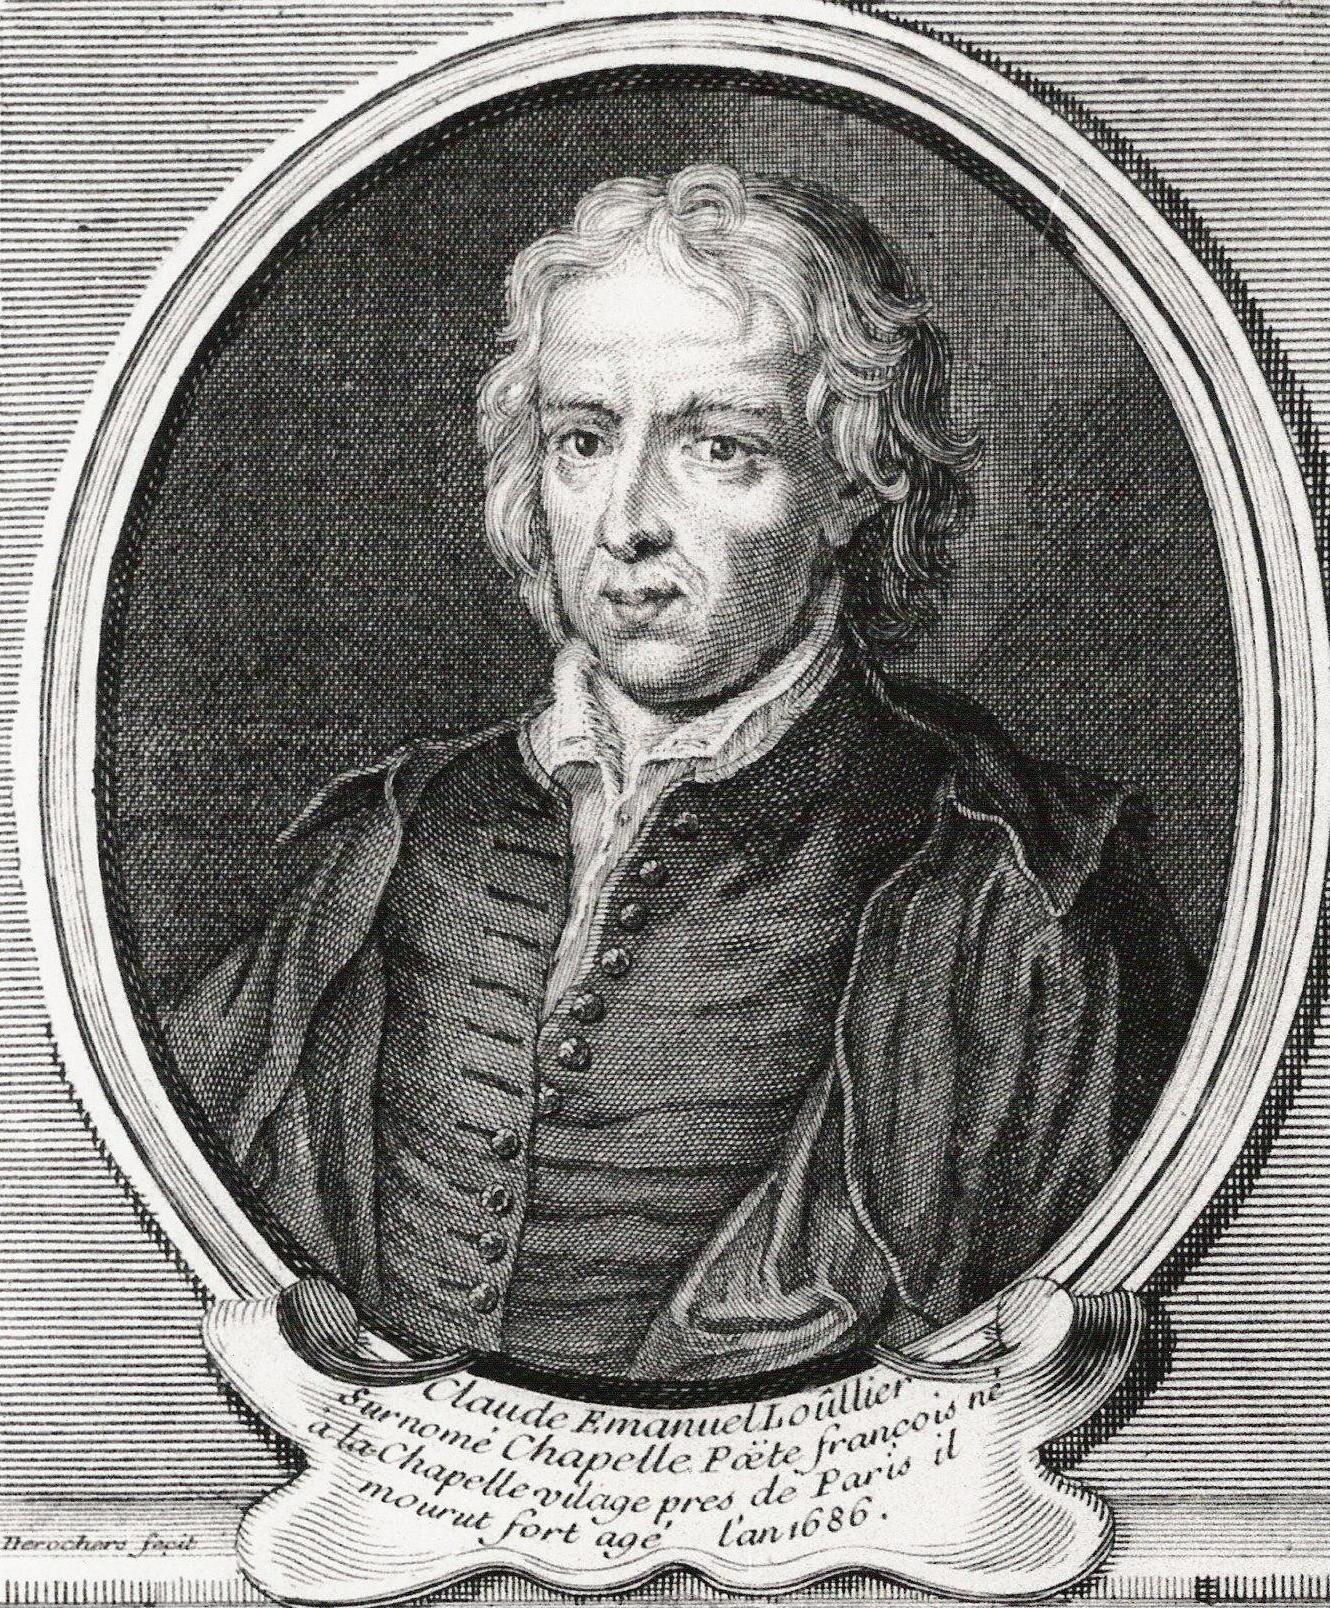 Claude-Emmanuel_Luillier,_dit_Chapelle_(1626-1686)